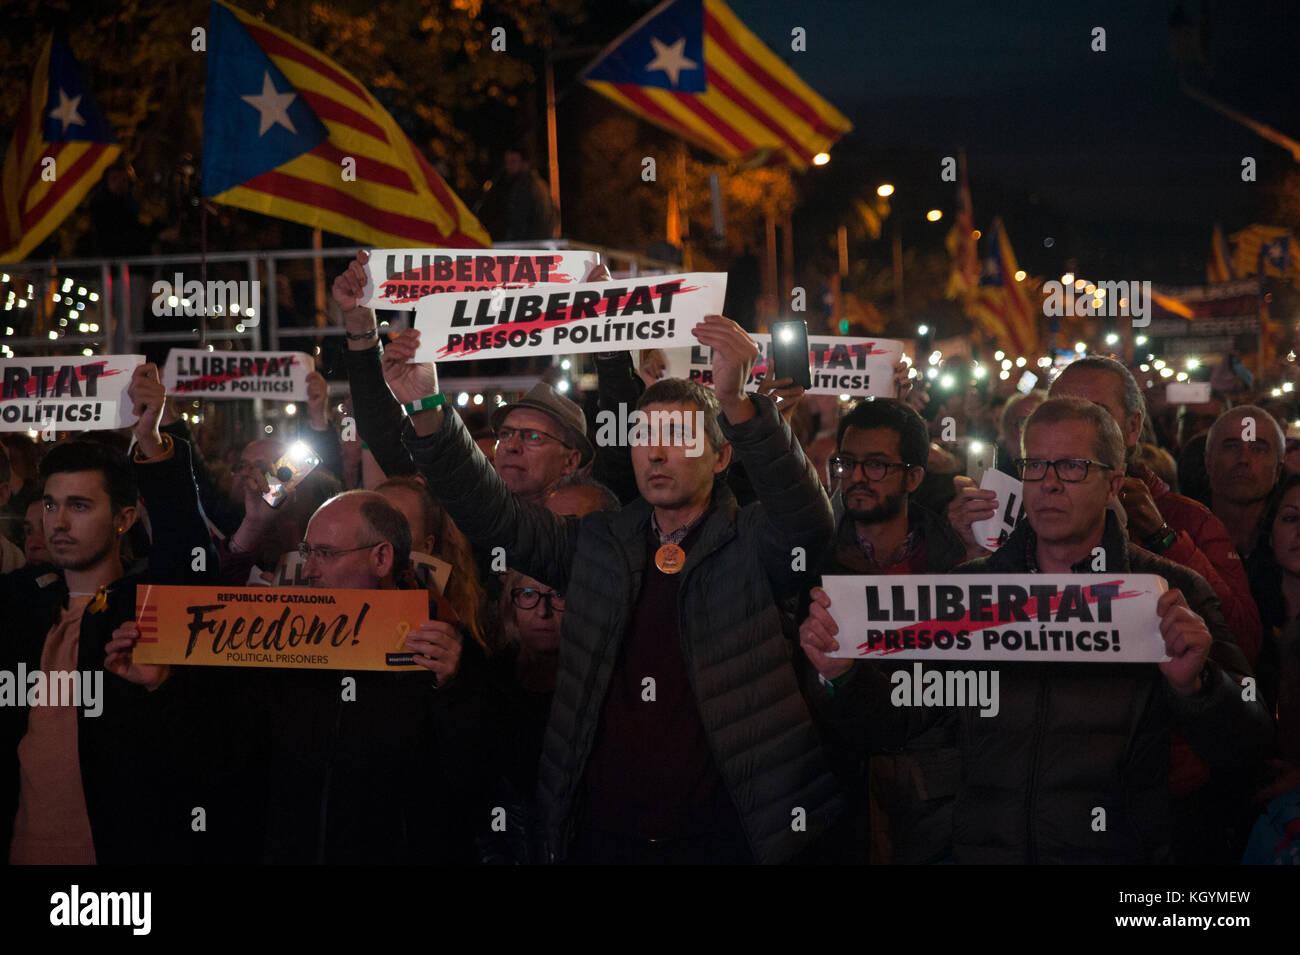 Barcellona, Spagna. 11 novembre 2017. Le associazioni e i partiti politici del movimento per l'indipendenza hanno chiesto una marcia per protestare contro le detenzioni carcerarie del governo catalano estenuato. Credit: Charlie Perez/Alamy Live News Foto Stock